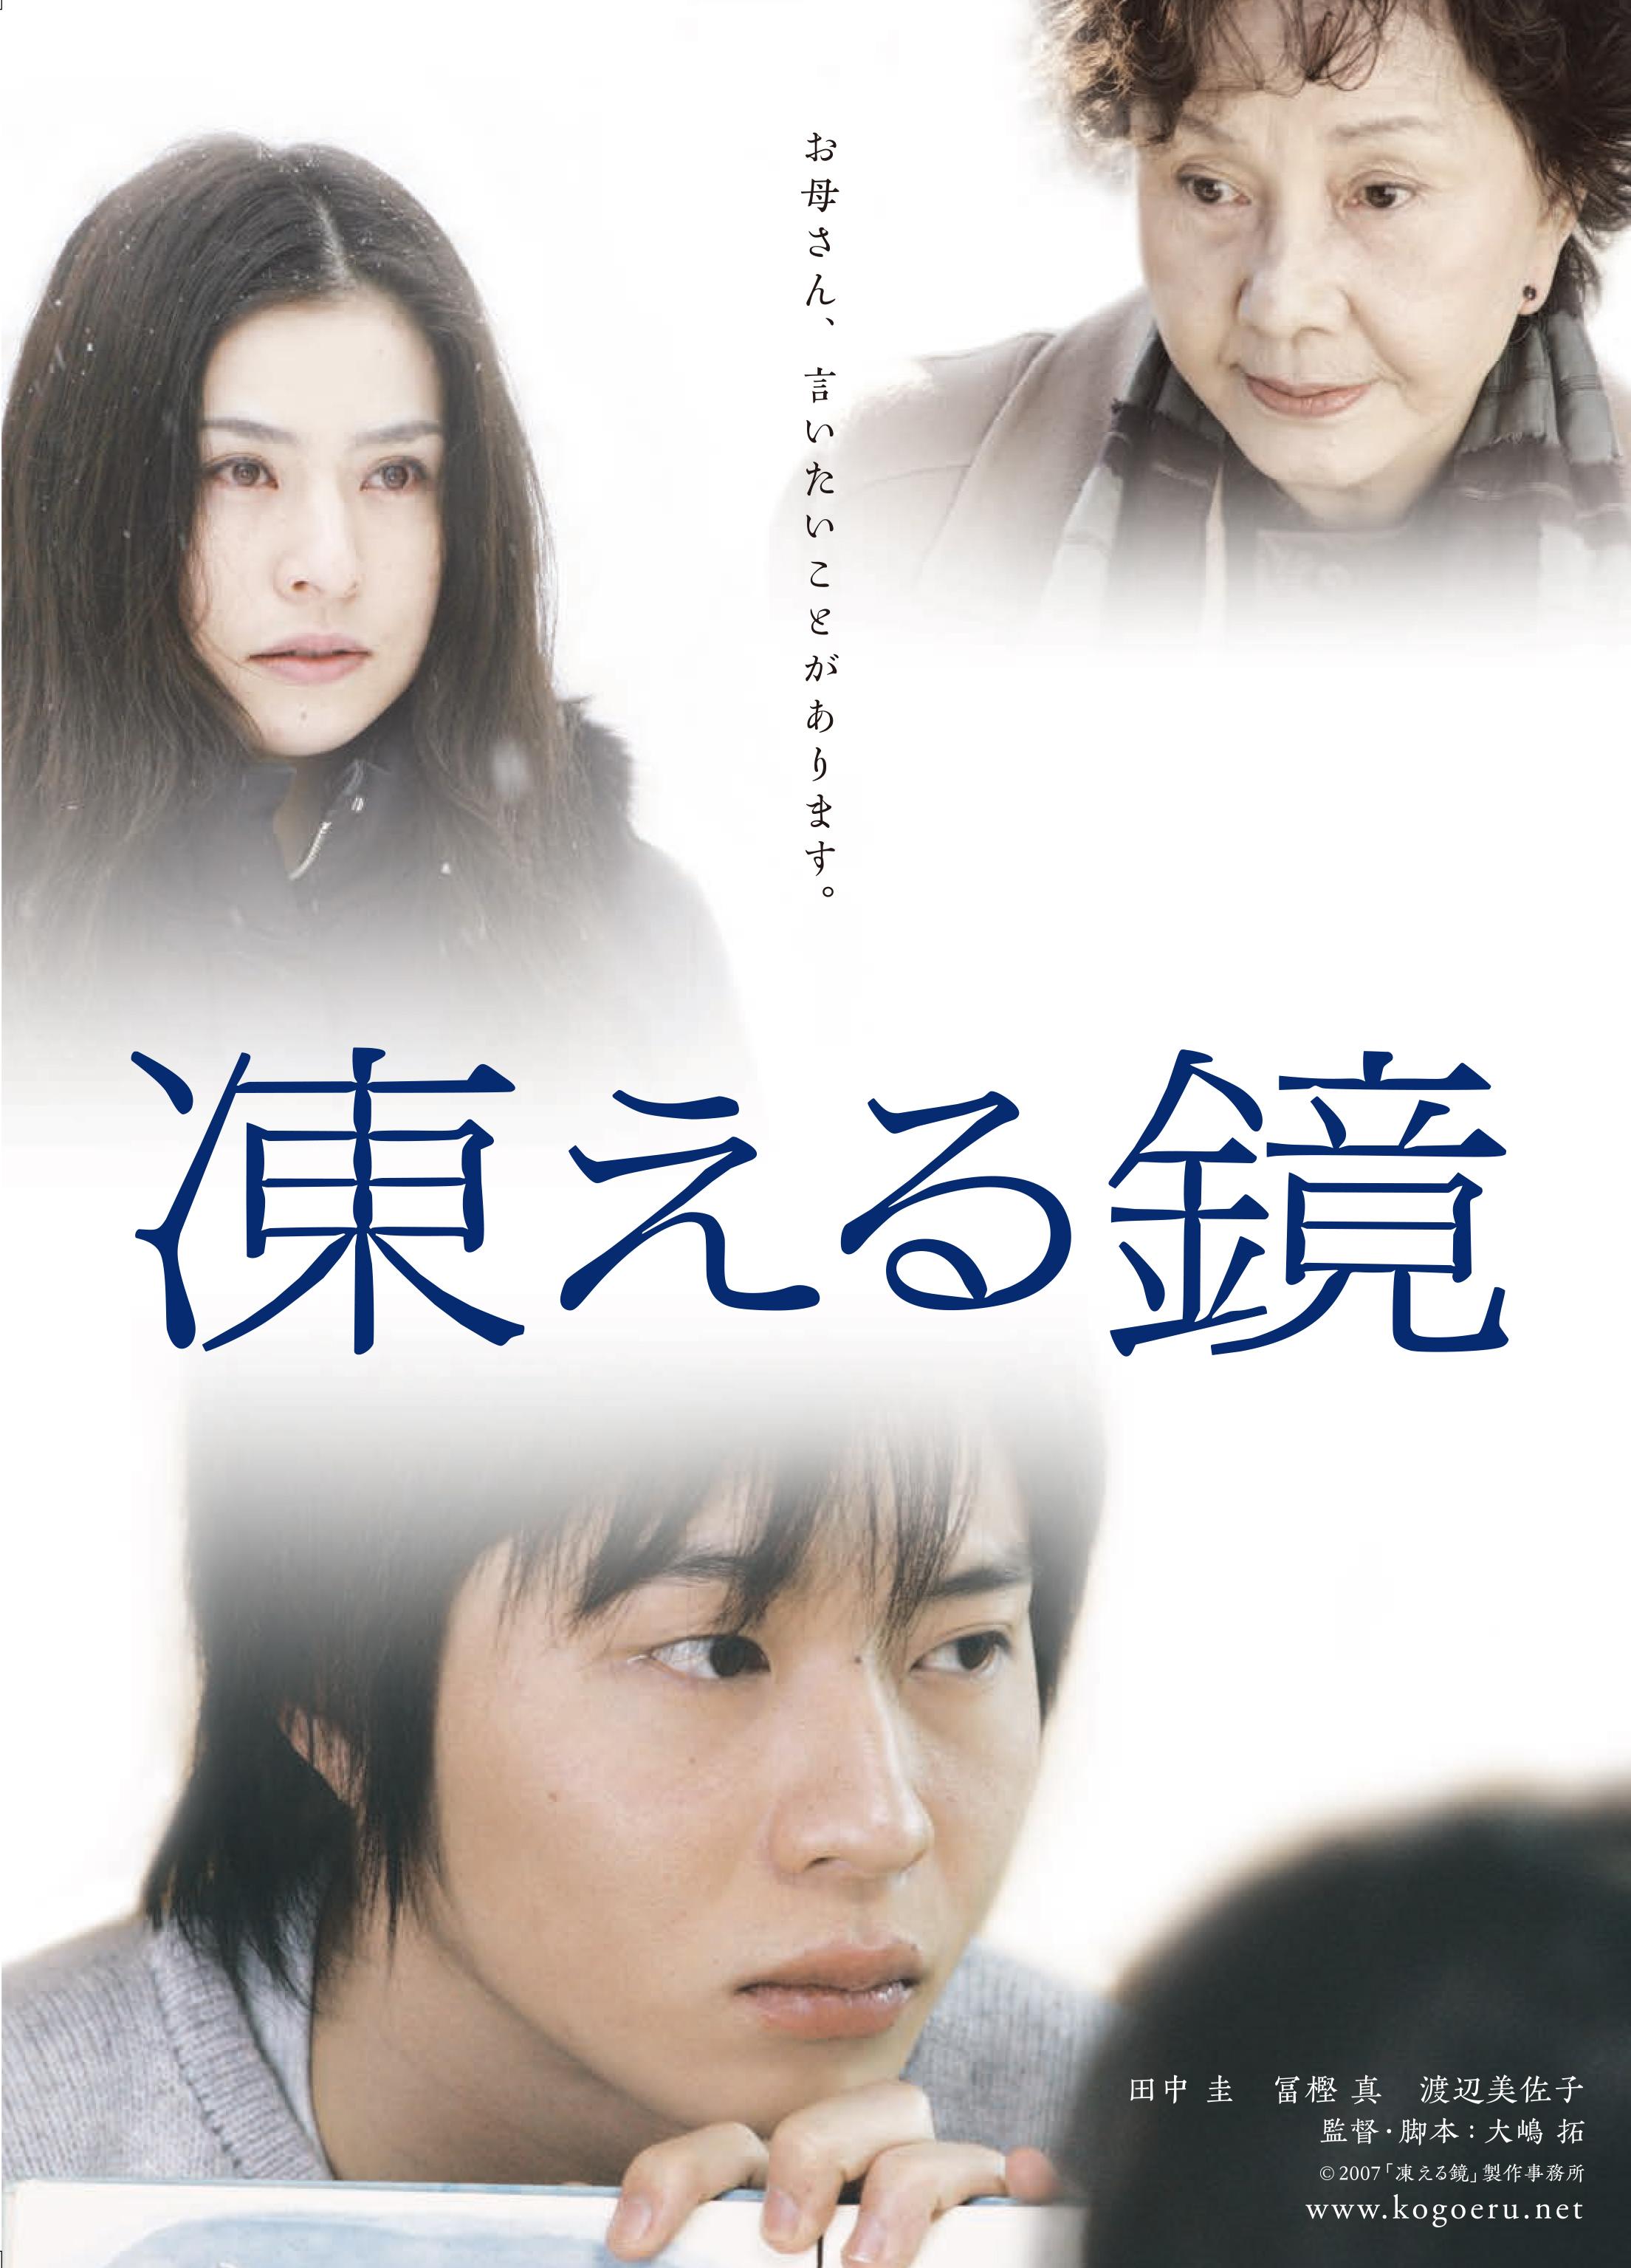 田中圭主演 映画『凍える鏡』再上映コーディネート